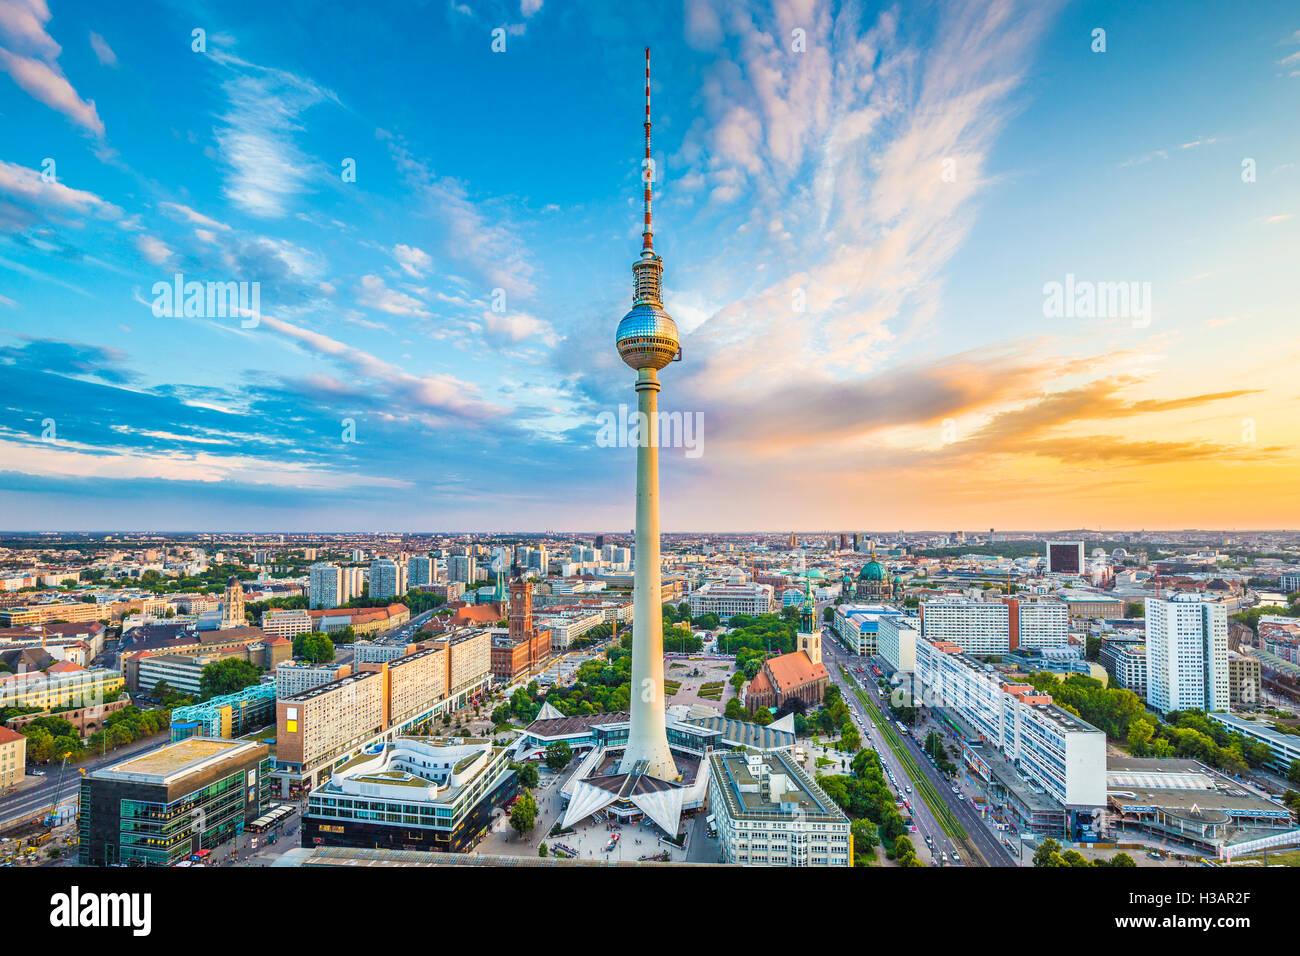 Panorama del horizonte de Berlín con la famosa torre de TV en Alexanderplatz y dramático de las nubes Imagen De Stock